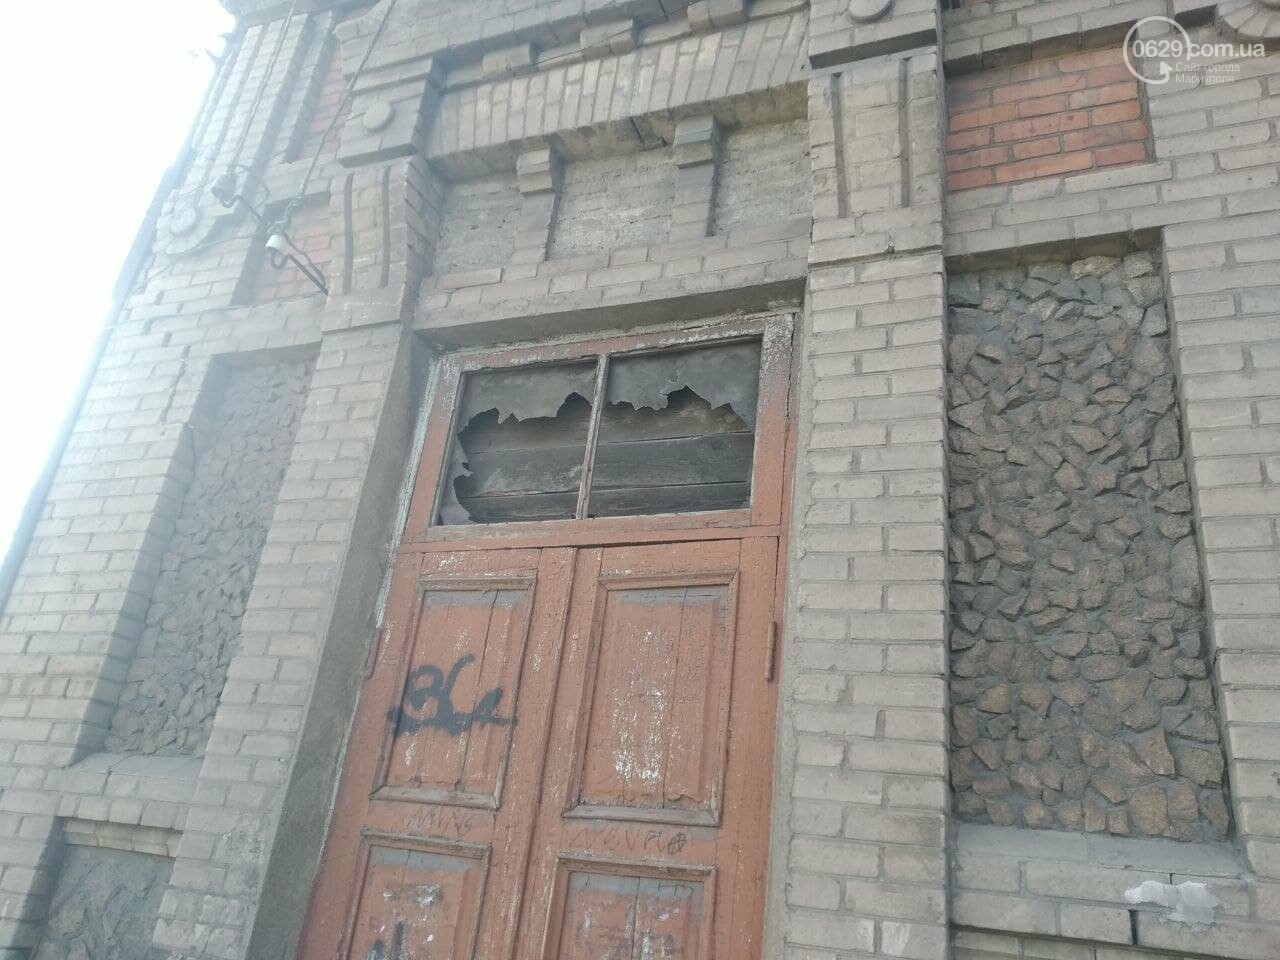 С историей, но без памяти. Как Мариуполю вернуть «Старый Город», - ФОТО, фото-10